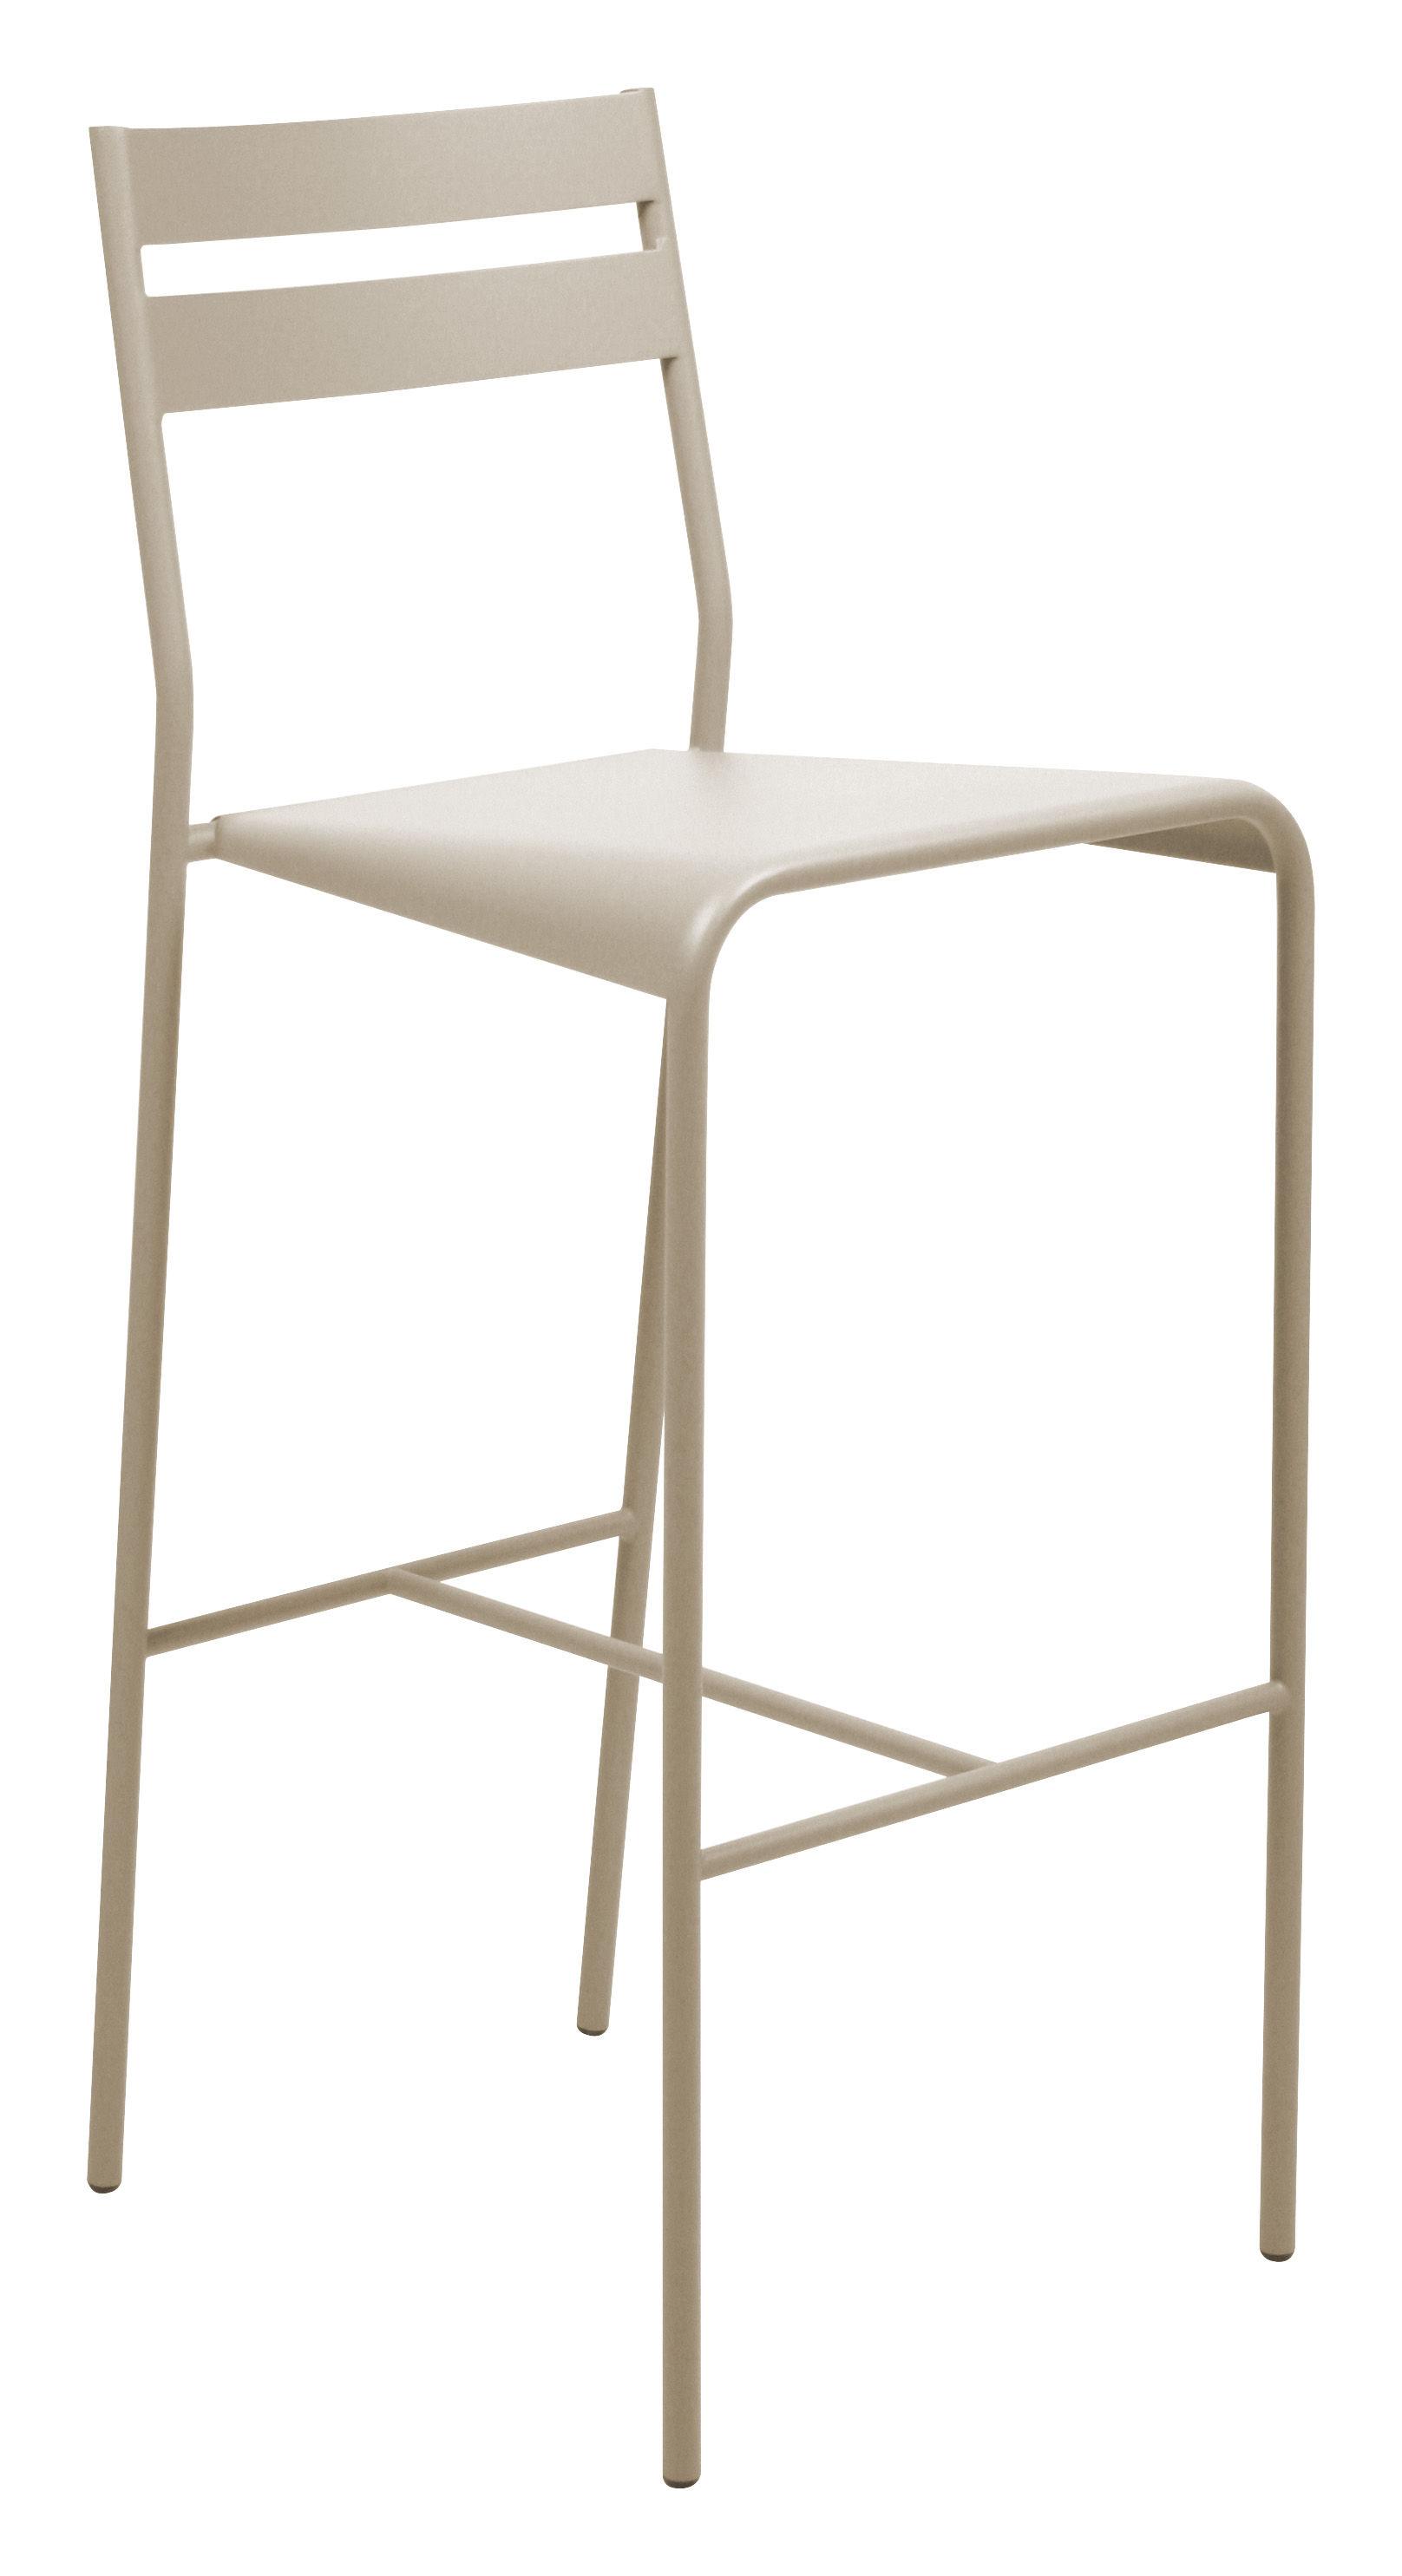 Möbel - Barhocker - Facto Hochstuhl - Fermob - Muskat - lackierter Stahl